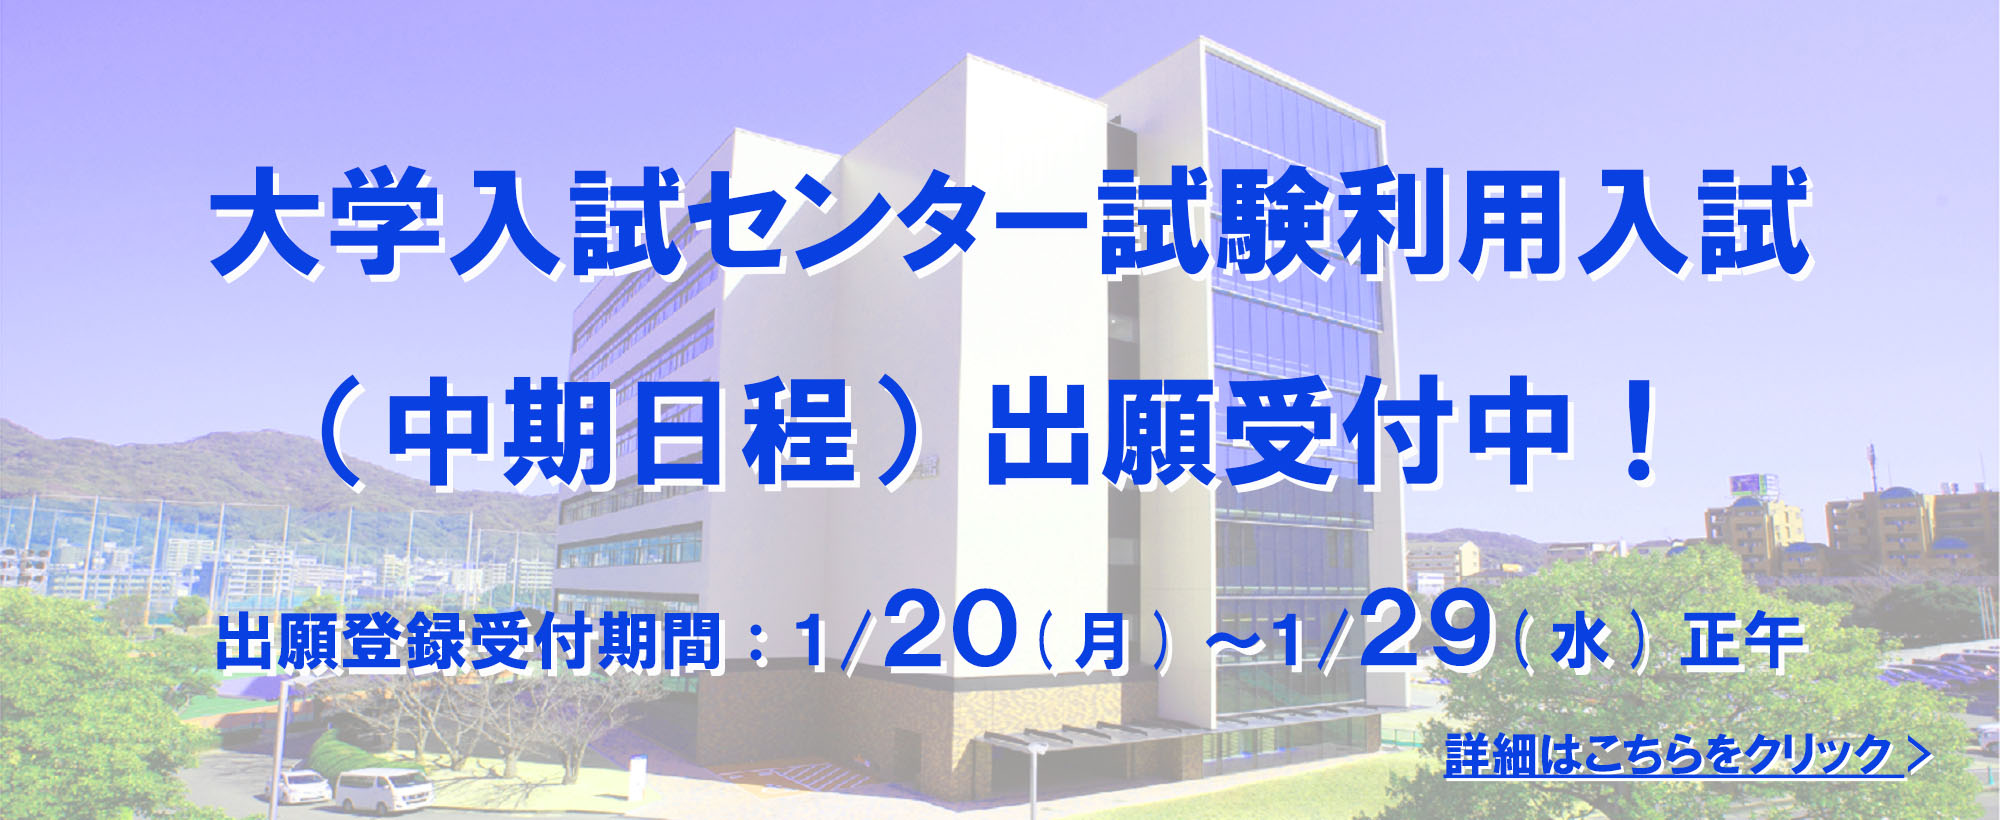 センター試験利用入試(中期日程)出願受付中